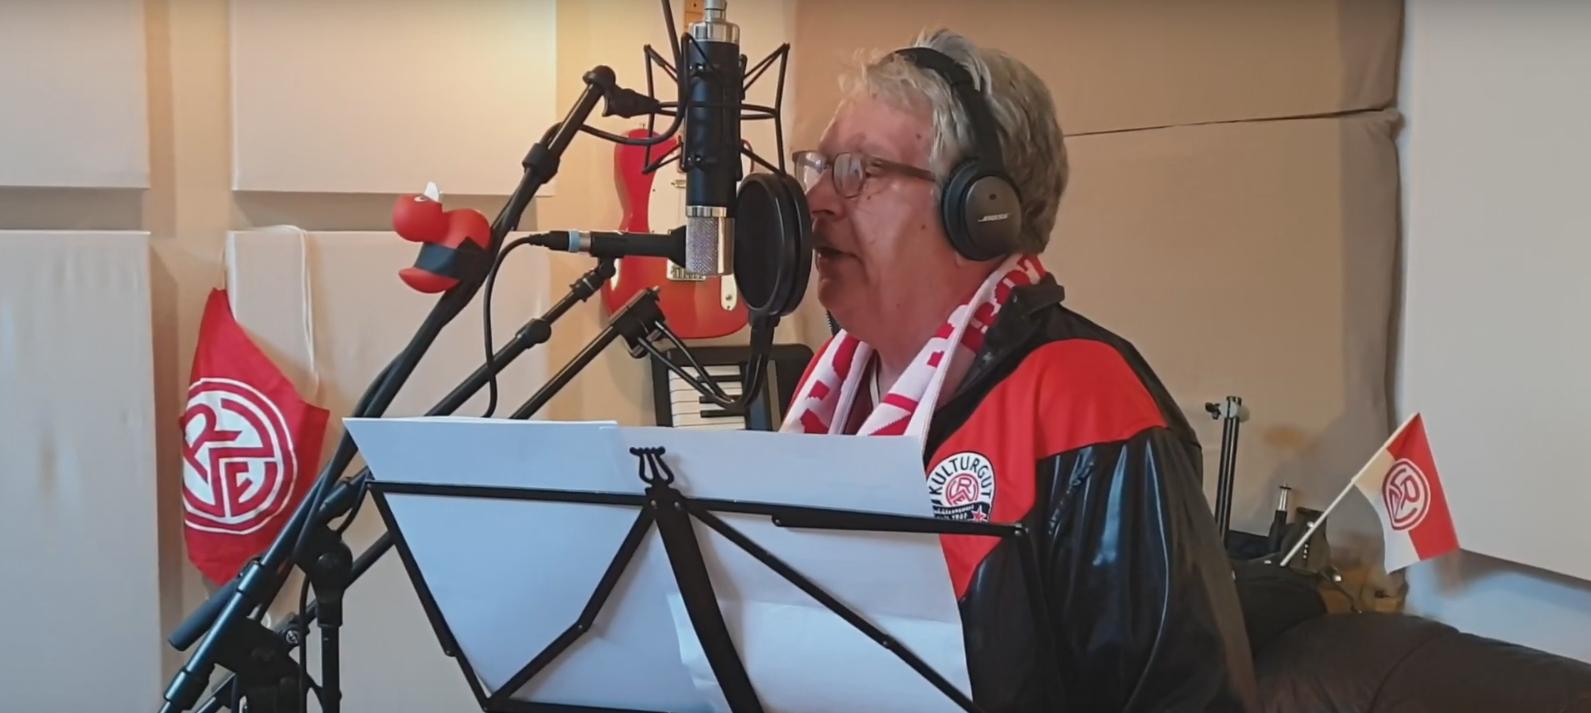 Einen RWE-Song und einen Sack voller Geschichten: Professor Ente alias Heinz-Hermann Krüger. (Foto: Musikvideo)